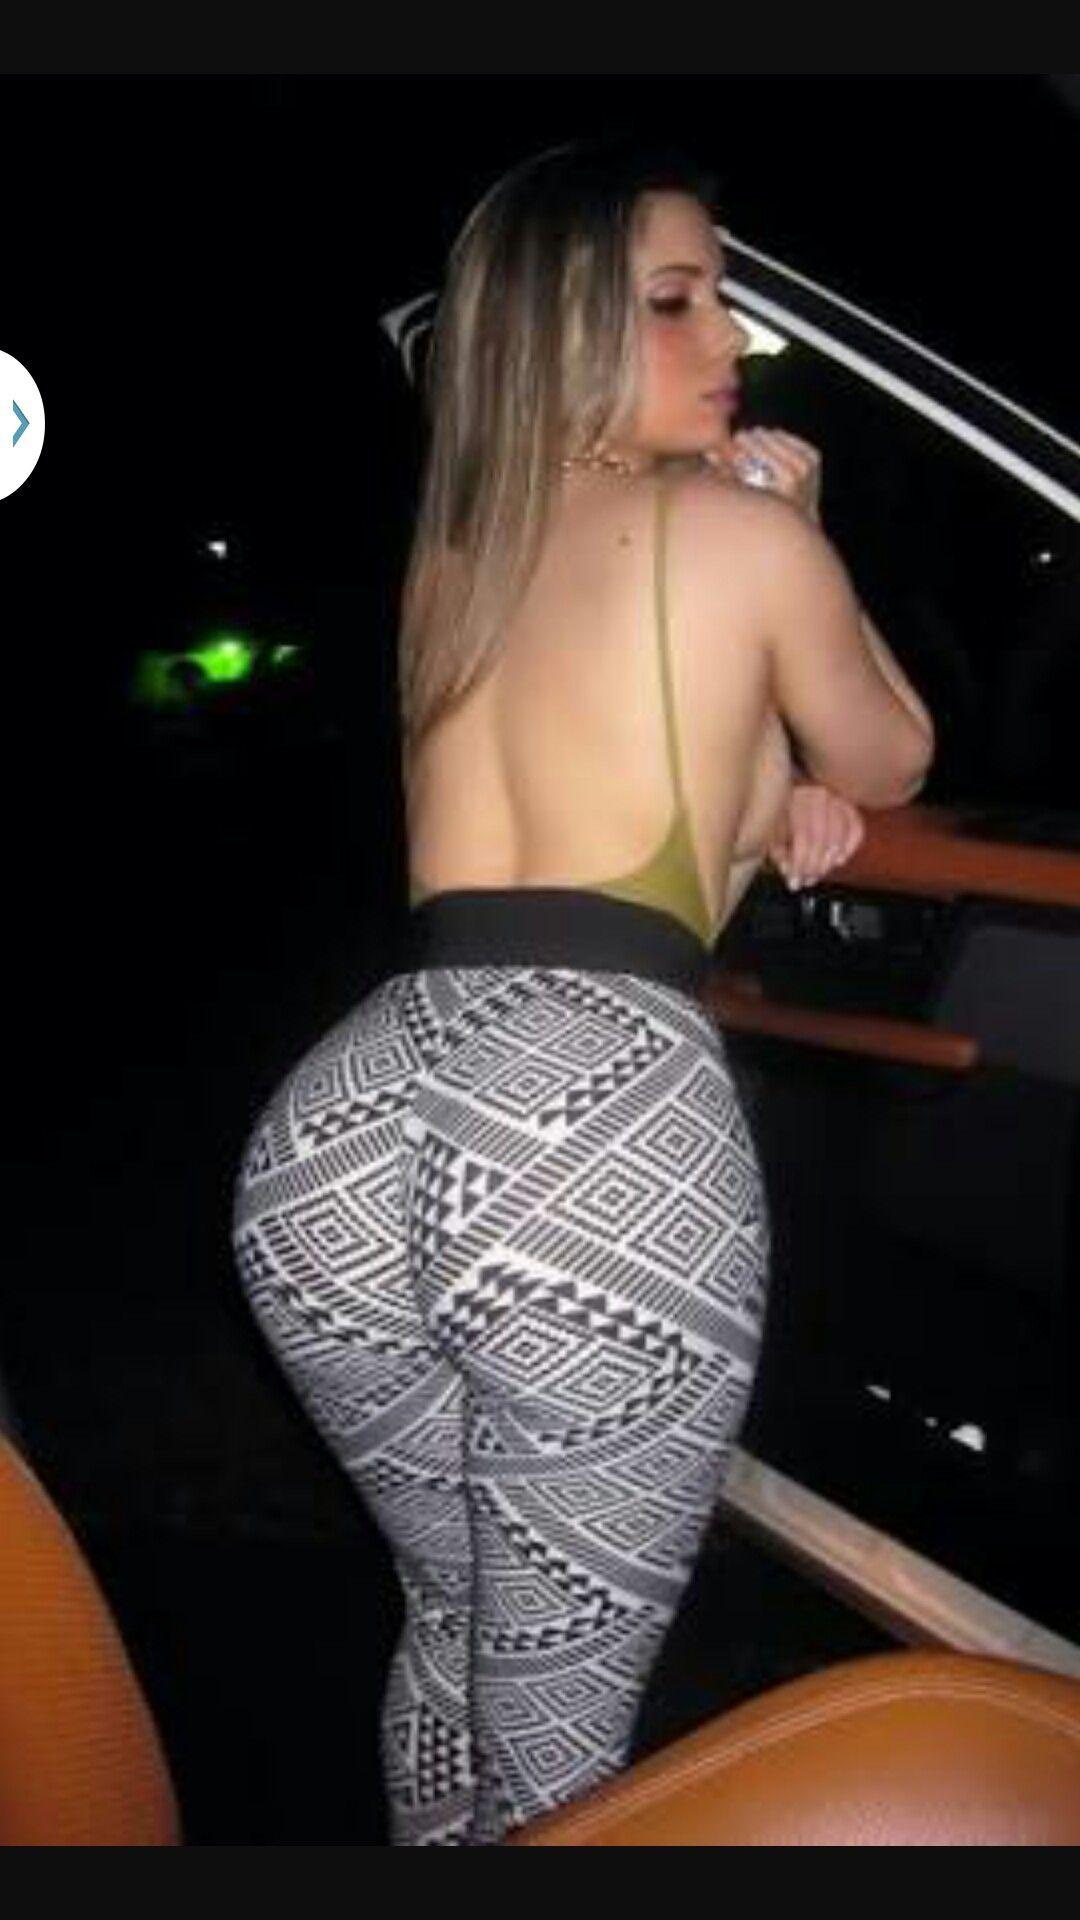 Ass bouncy latina round